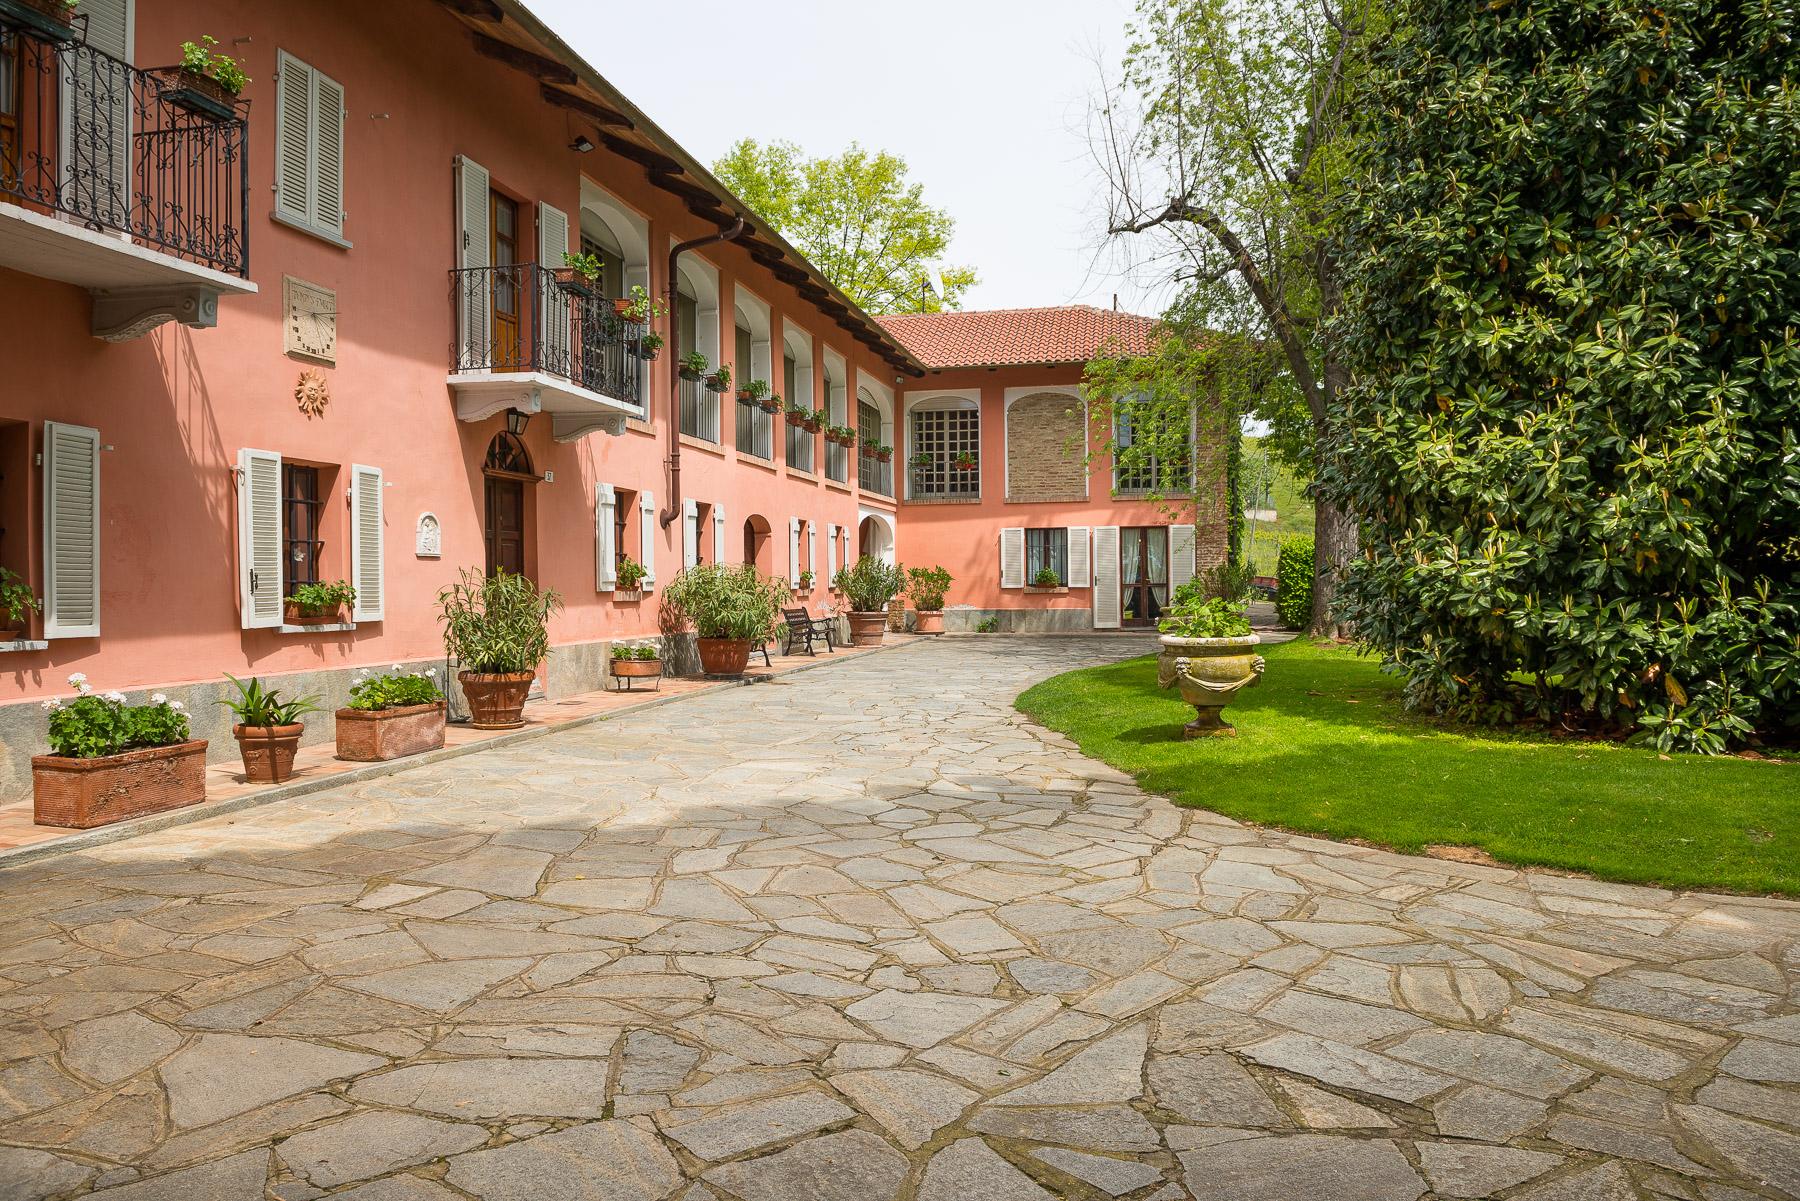 Rustico in Vendita a Castelnuovo Don Bosco frazione nevissano